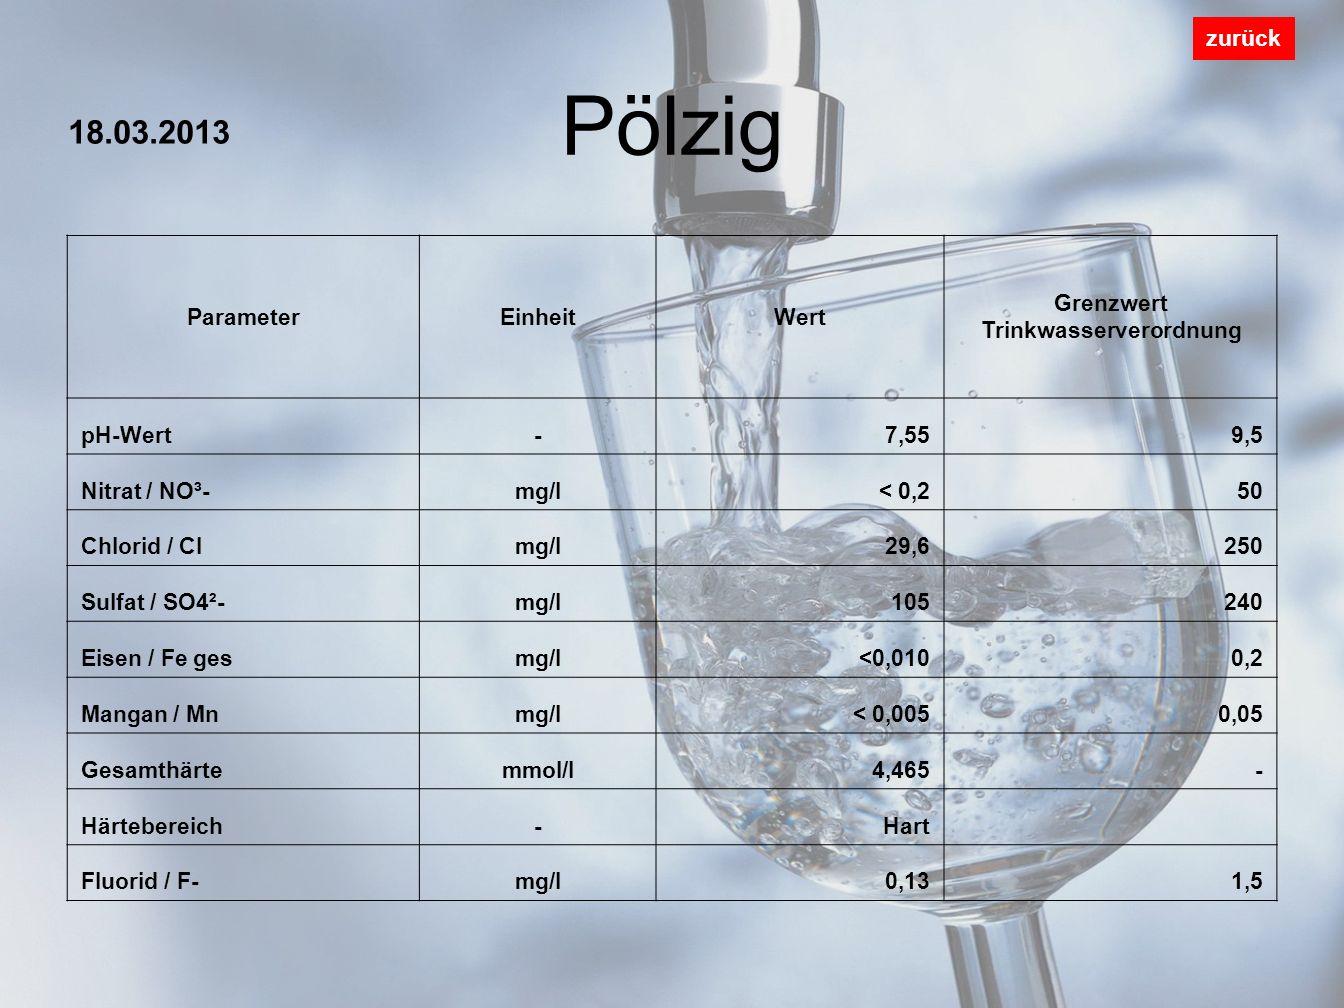 Pölzig zurück ParameterEinheitWert Grenzwert Trinkwasserverordnung pH-Wert-7,559,5 Nitrat / NO³-mg/l< 0,250 Chlorid / Clmg/l29,6250 Sulfat / SO4²-mg/l